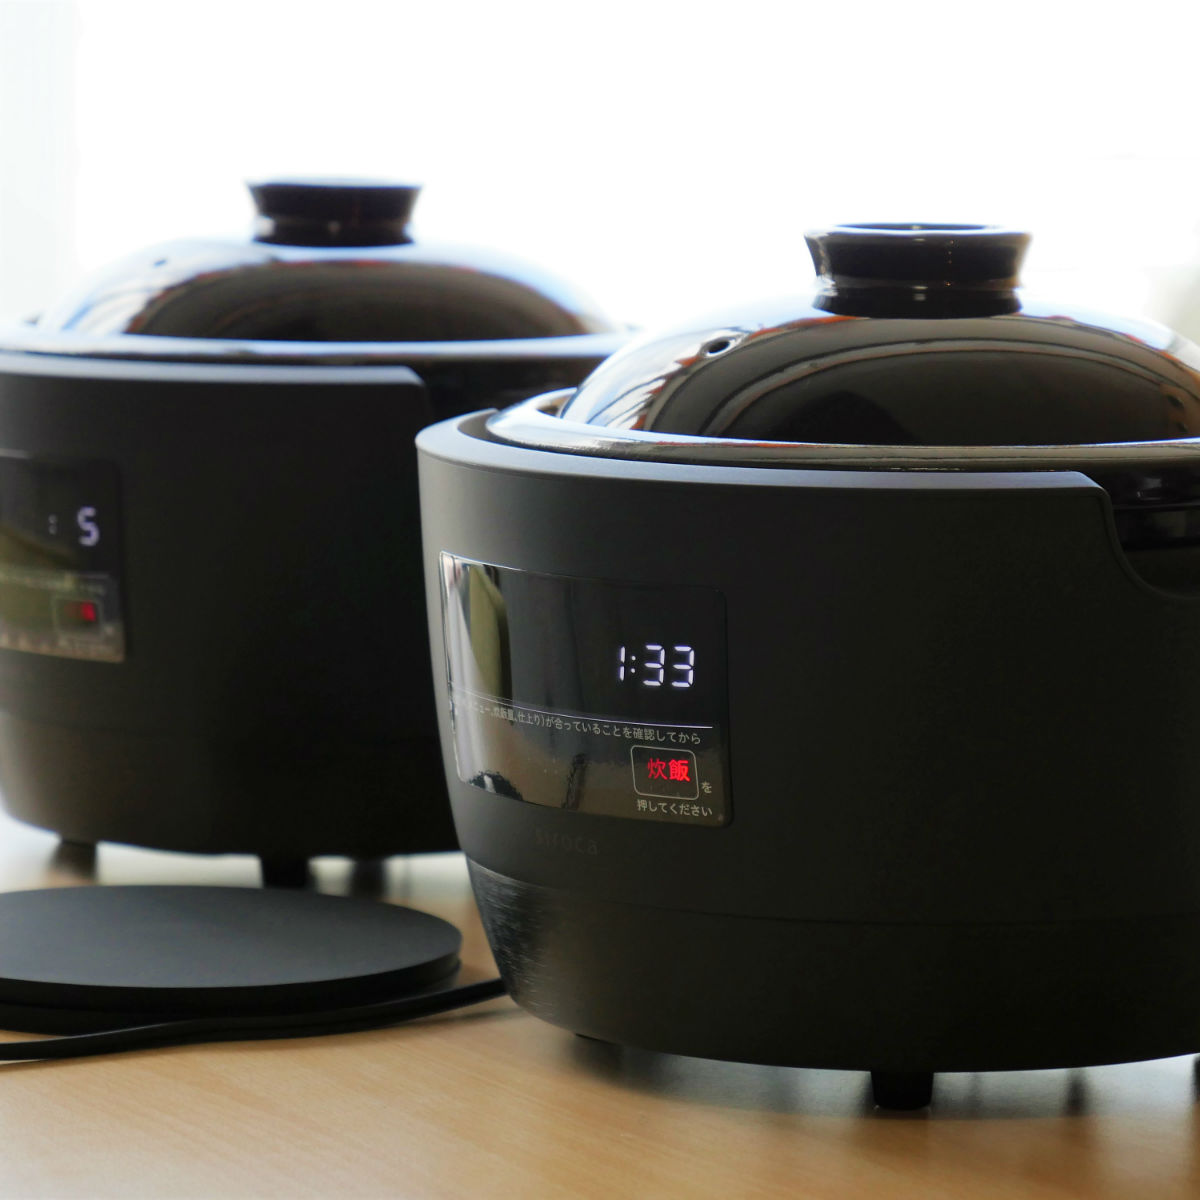 おすすめ炊飯器8選!主流のIHからガス、電気土鍋炊飯まで♪の画像